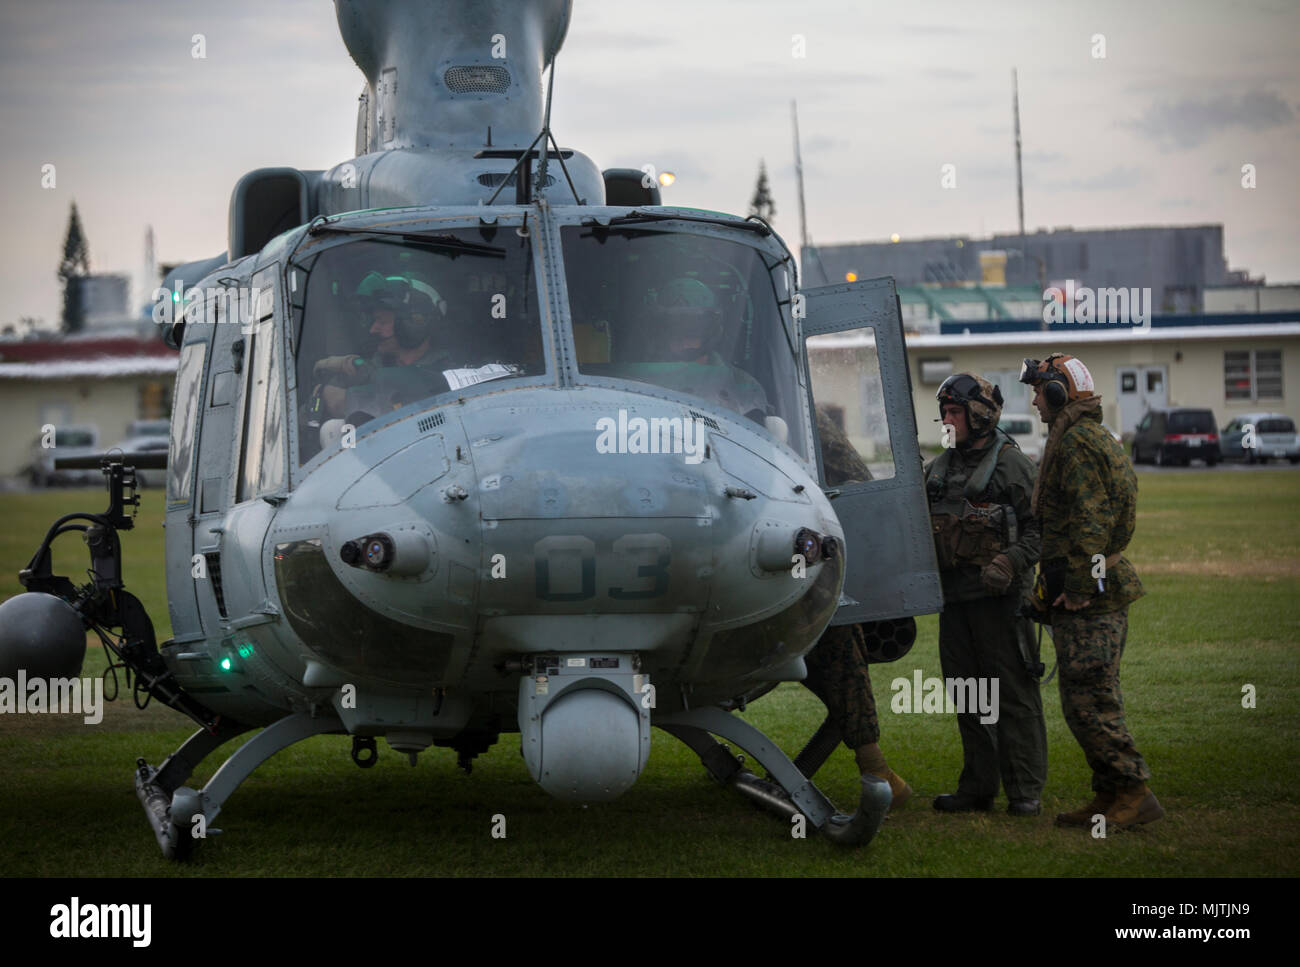 """Un capo equipaggio commissioni passeggeri su un UH-1Y Venom a Camp Foster, Okinawa, in Giappone, Dicembre 15, 2017. Luce subacquea attacco squadrone elicottero 369 fornito Lt. Gen. di Brian D. Beaudreault, vice comandante dei piani e delle politiche e delle operazioni, un volo intorno alla Prefettura di Okinawa per valutare la qualità del servizio del Marine Corps chowhalls. Il """"gunfighters'"""" disponibilità ad agire su di un momento di preavviso è cruciale per il mantenimento di una più forte e più capace di avanzamento forza dispiegata nella Indo-Asia-regione del Pacifico. HMLA-369, Marine Aircraft Group 39, terzo aeromobile marino ala, è attualmente implementato in avanti sotto Foto Stock"""